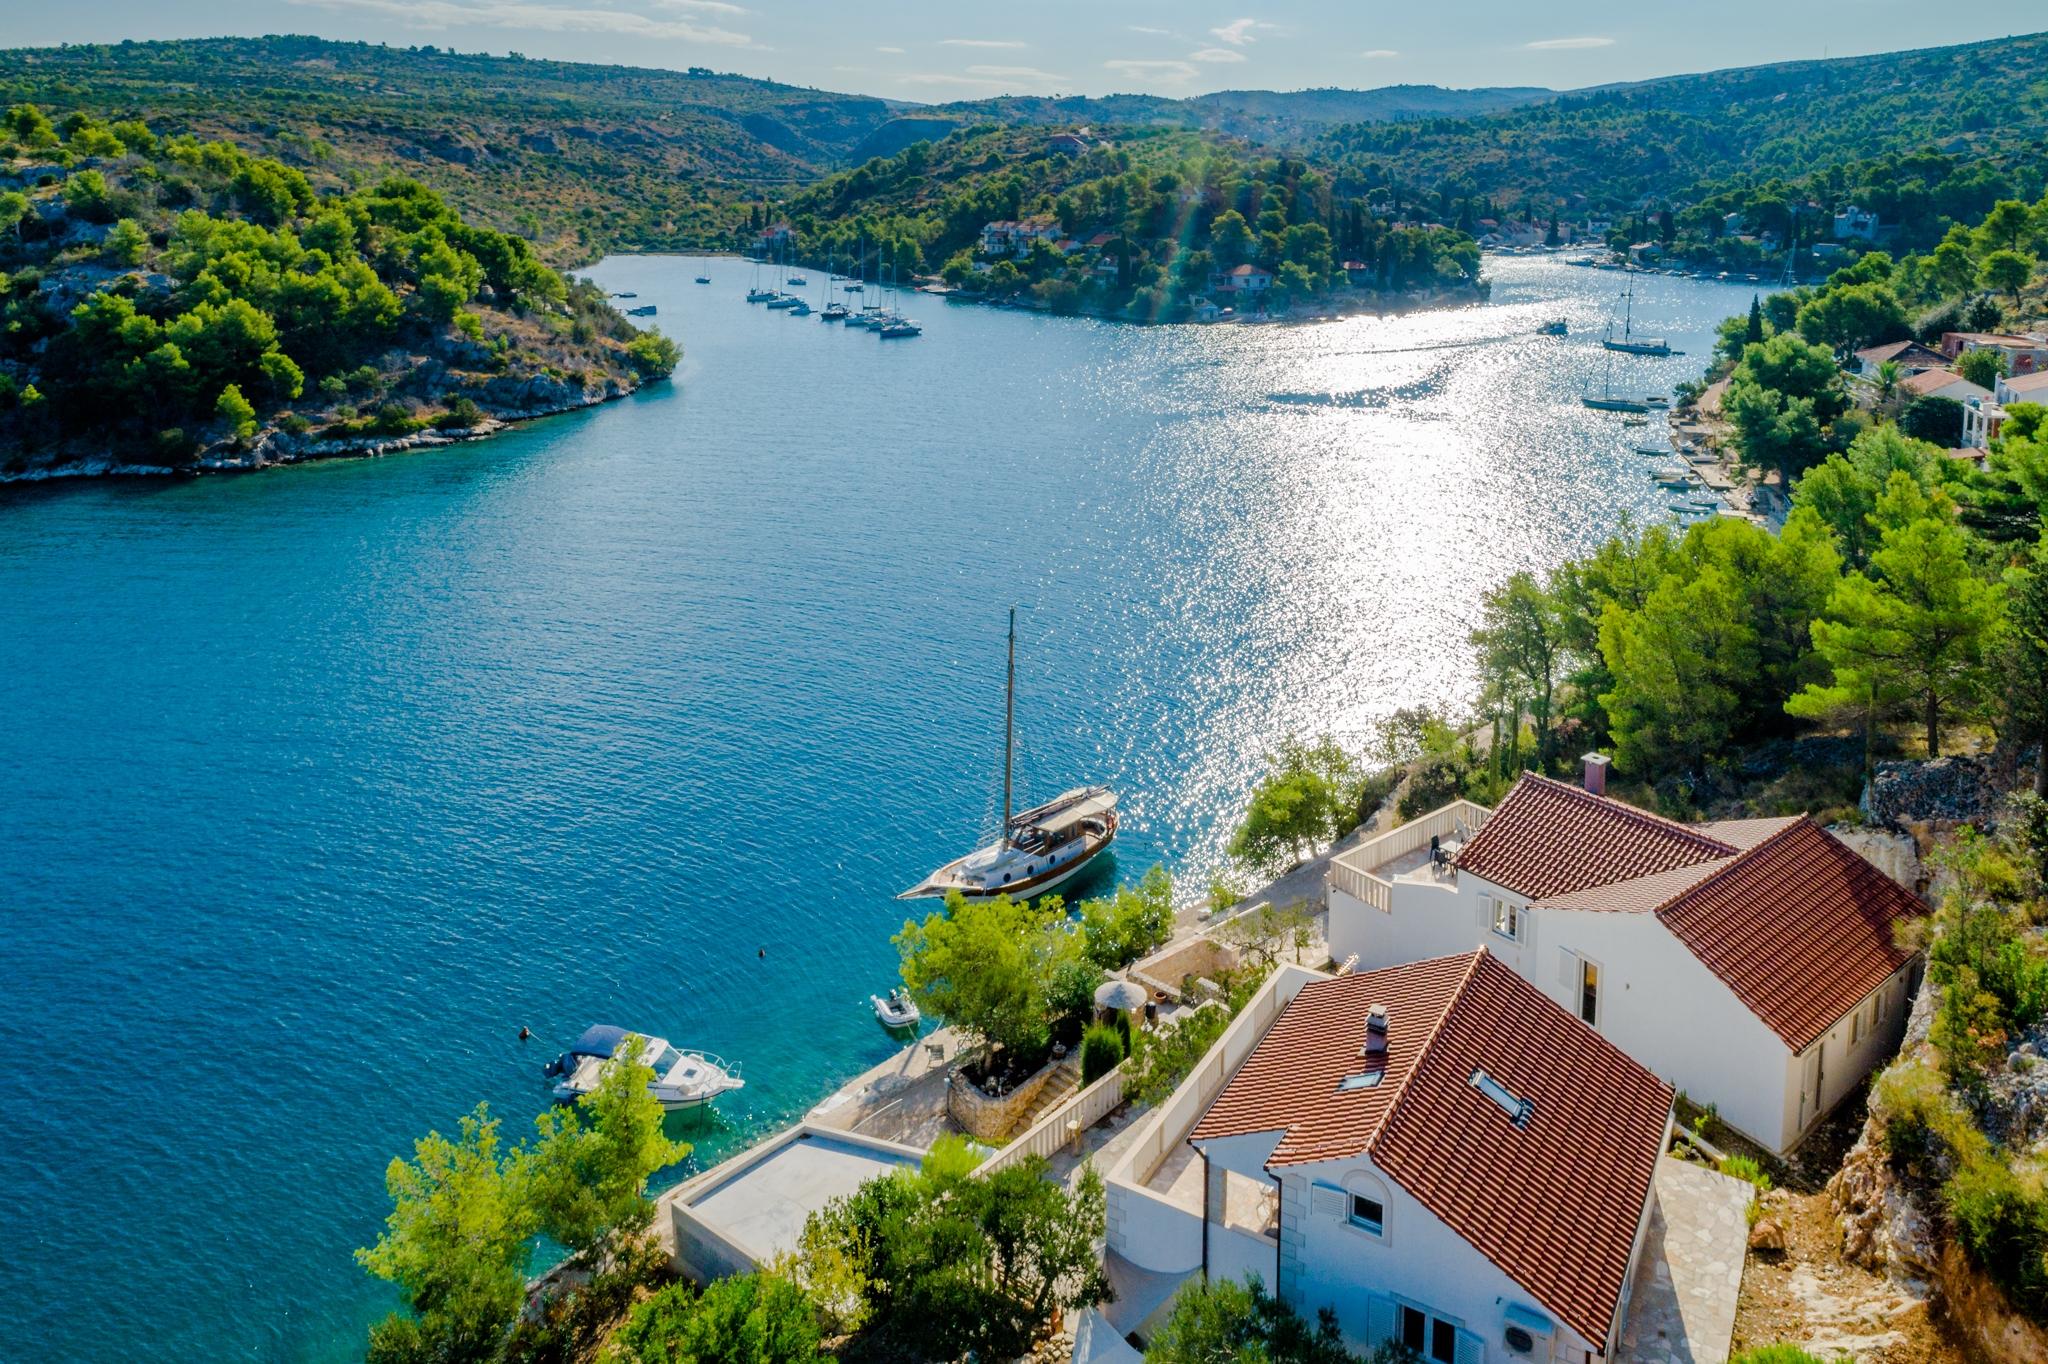 Villa Thea Kroatien, Insel Brac, Ferienhaus und Bootsvermietung, 4 Sterne Haus direkt am Meer